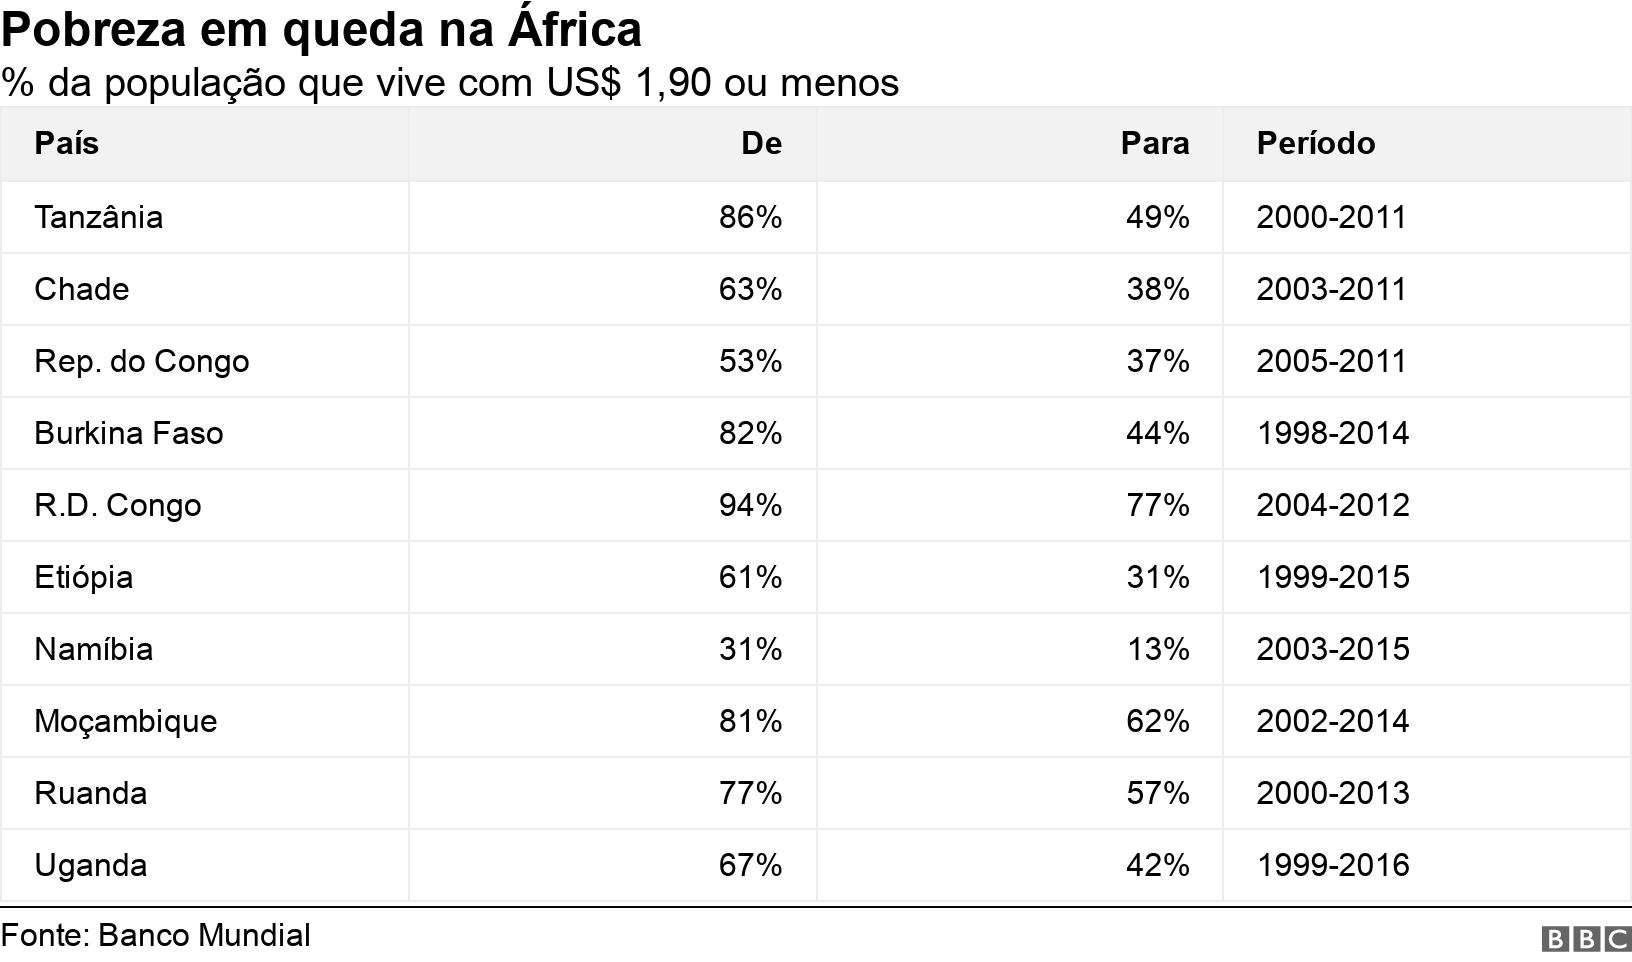 Pobreza em queda na África. % da população que vive com US$ 1,90 ou menos.  .